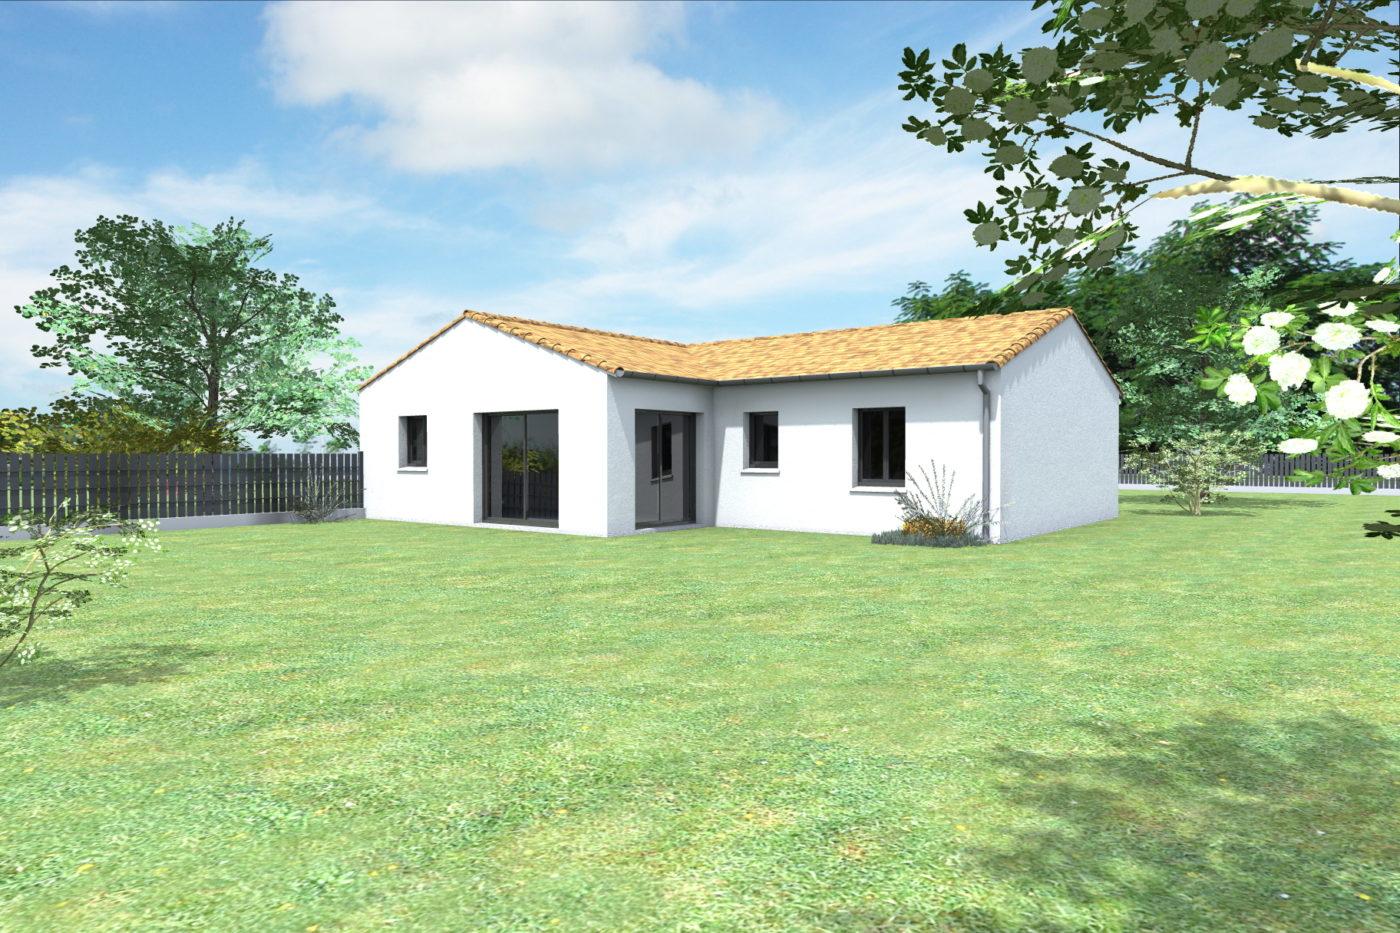 Maison construire arvert bonne maison constructeur for Constructeur de maison 71